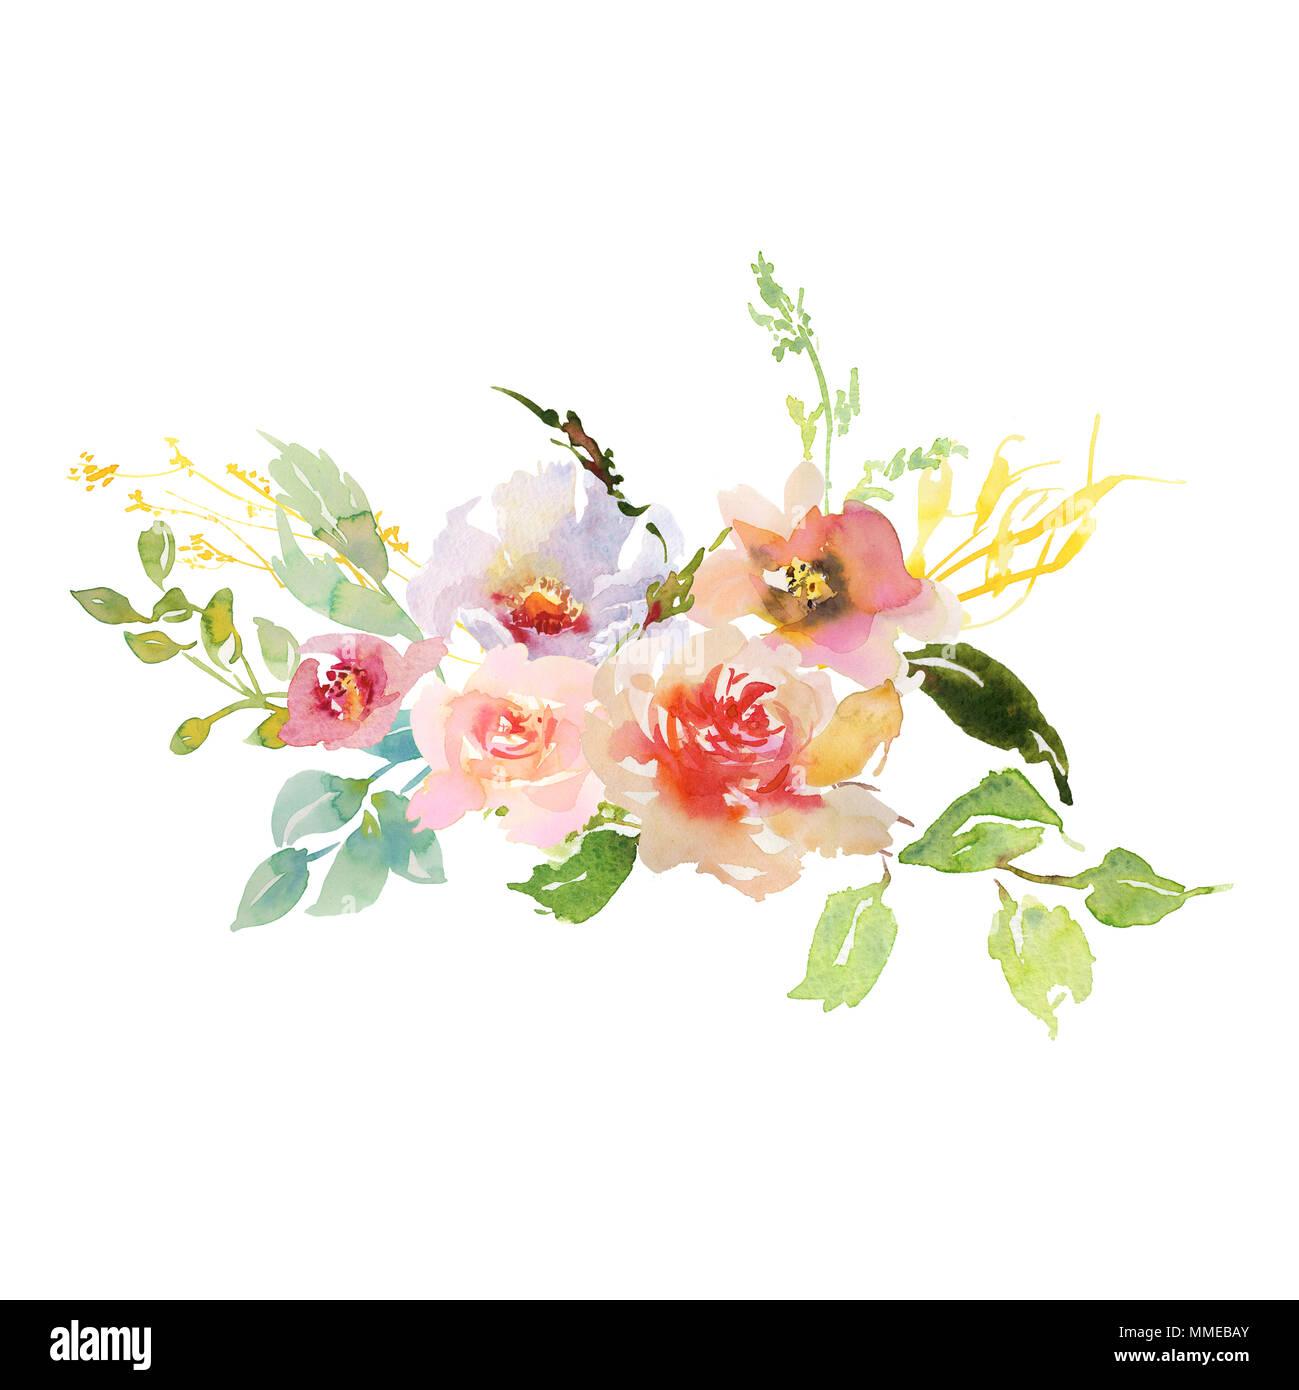 Disegno a mano ad acquerello nuziale matrimonio bouquet for Fiori verdi